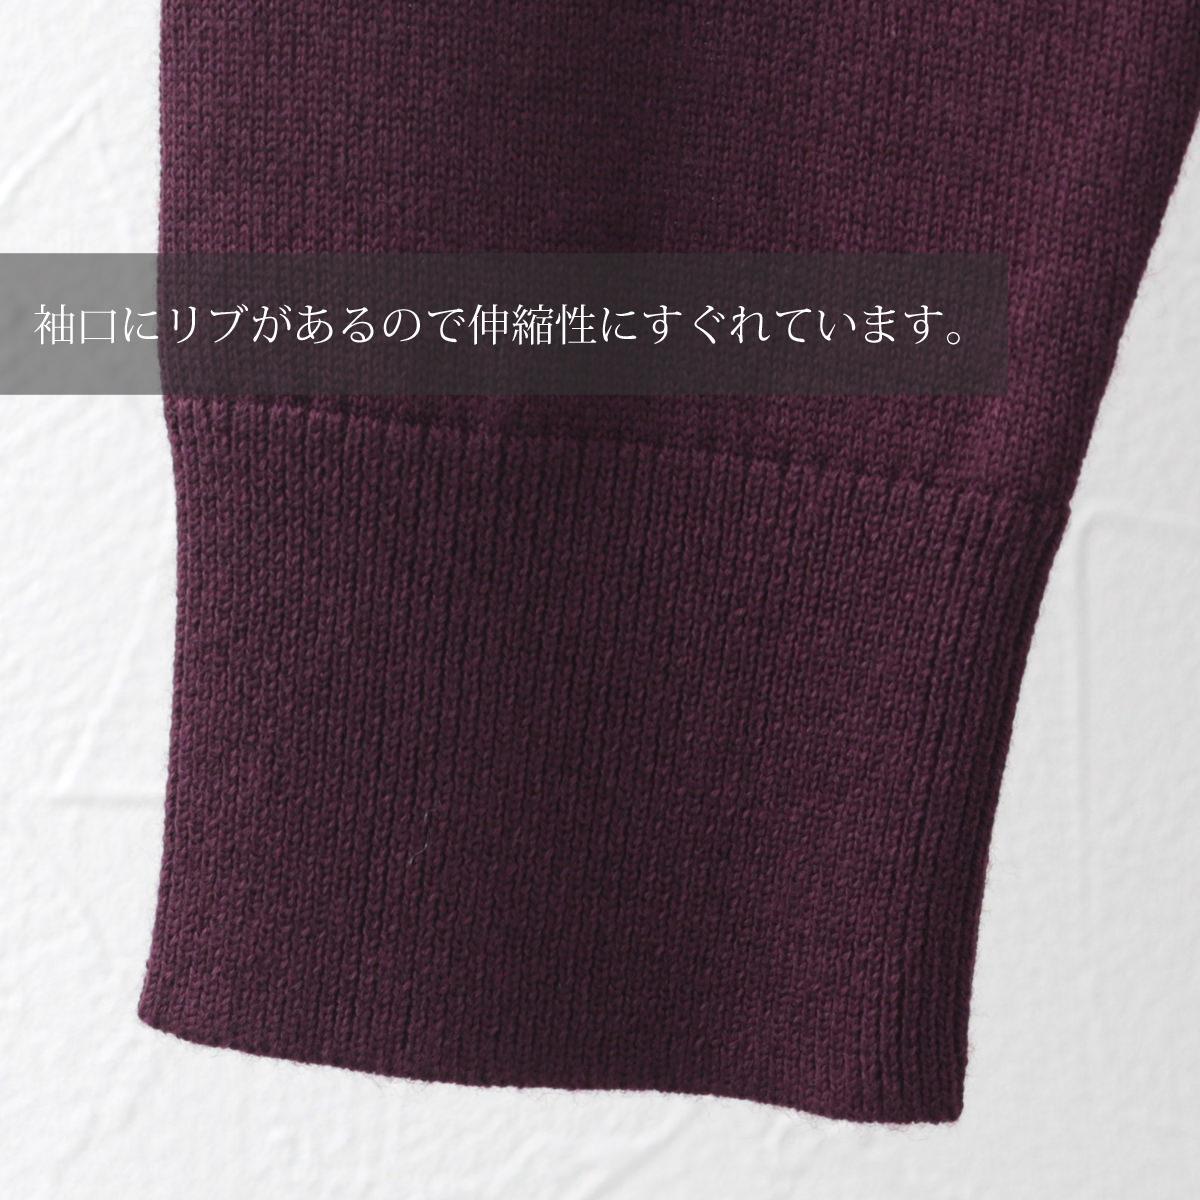 フレッドペリー メンズ セーター メリノウール クラシック Vネックジャンパー Fred Perry 6色 ブラック ネイビー マホガニー ペトロール 正規販売店 ギフト トラッド